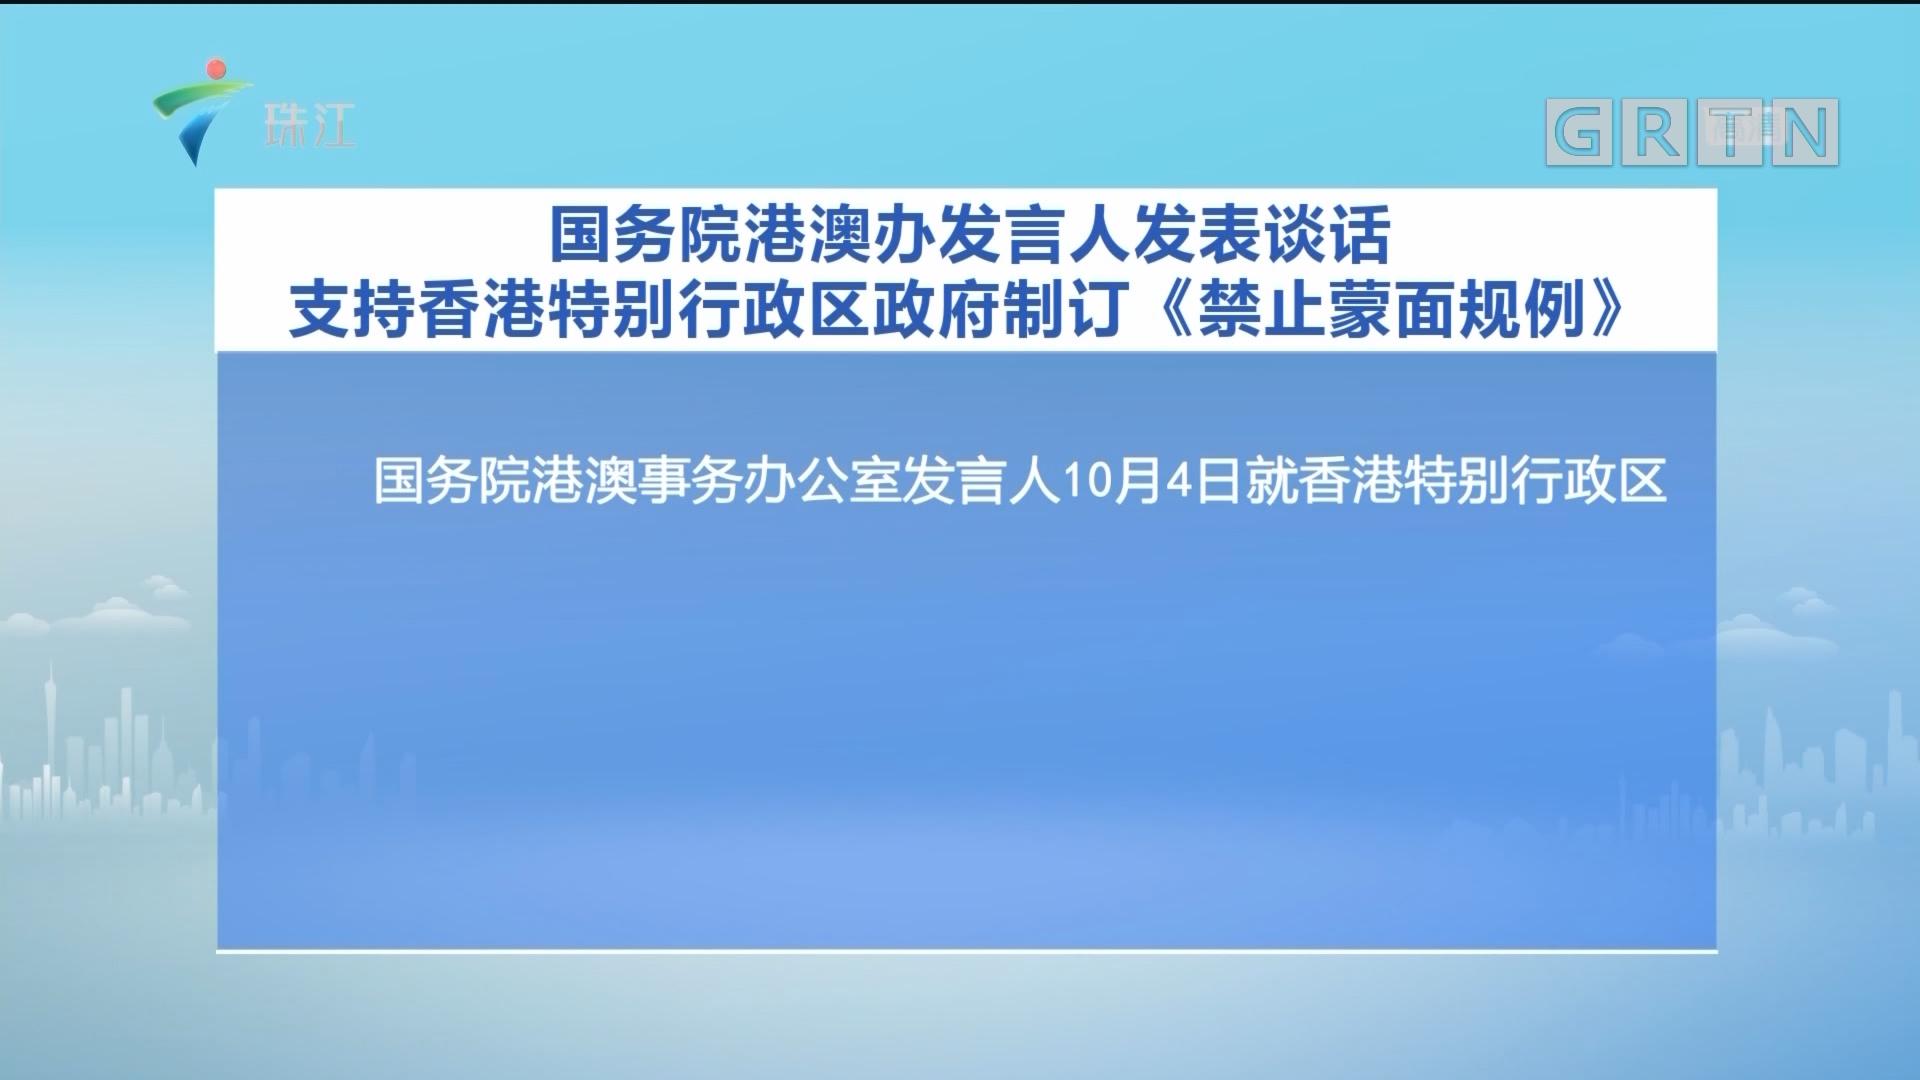 国务院港澳办发言人发表谈话支持香港特别行政区政府制订《禁止蒙面规例》